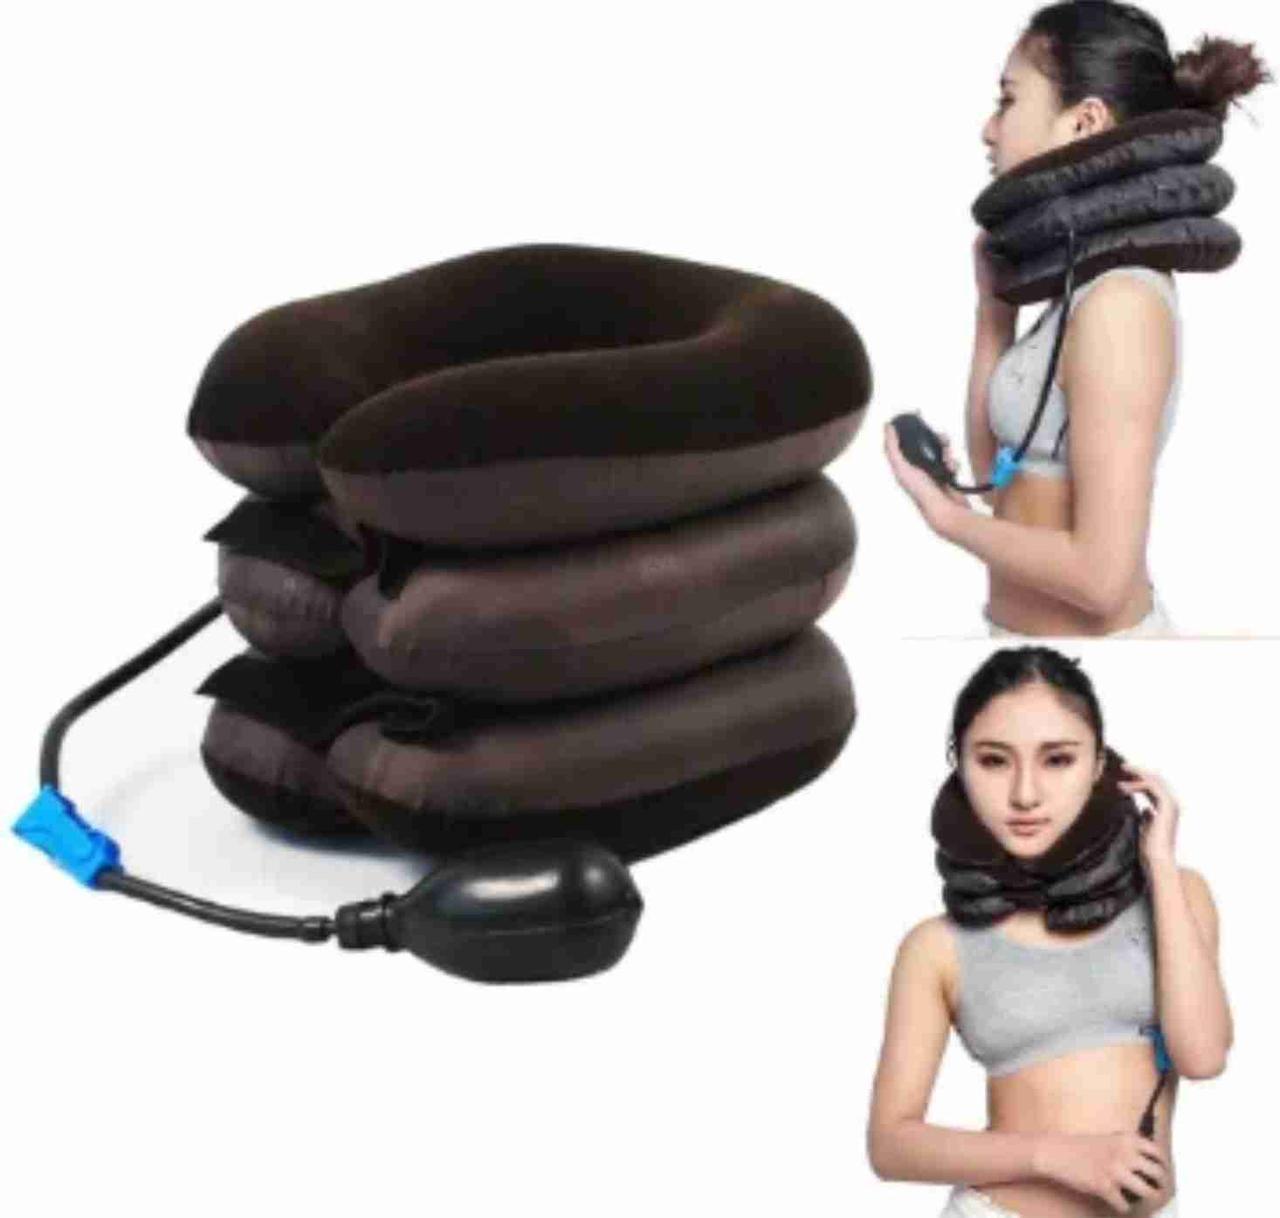 Ортопедический воротник Ting Pa лечебный воротник подушка для шеи, фиксатор для шеи Надувная подушка для шеи